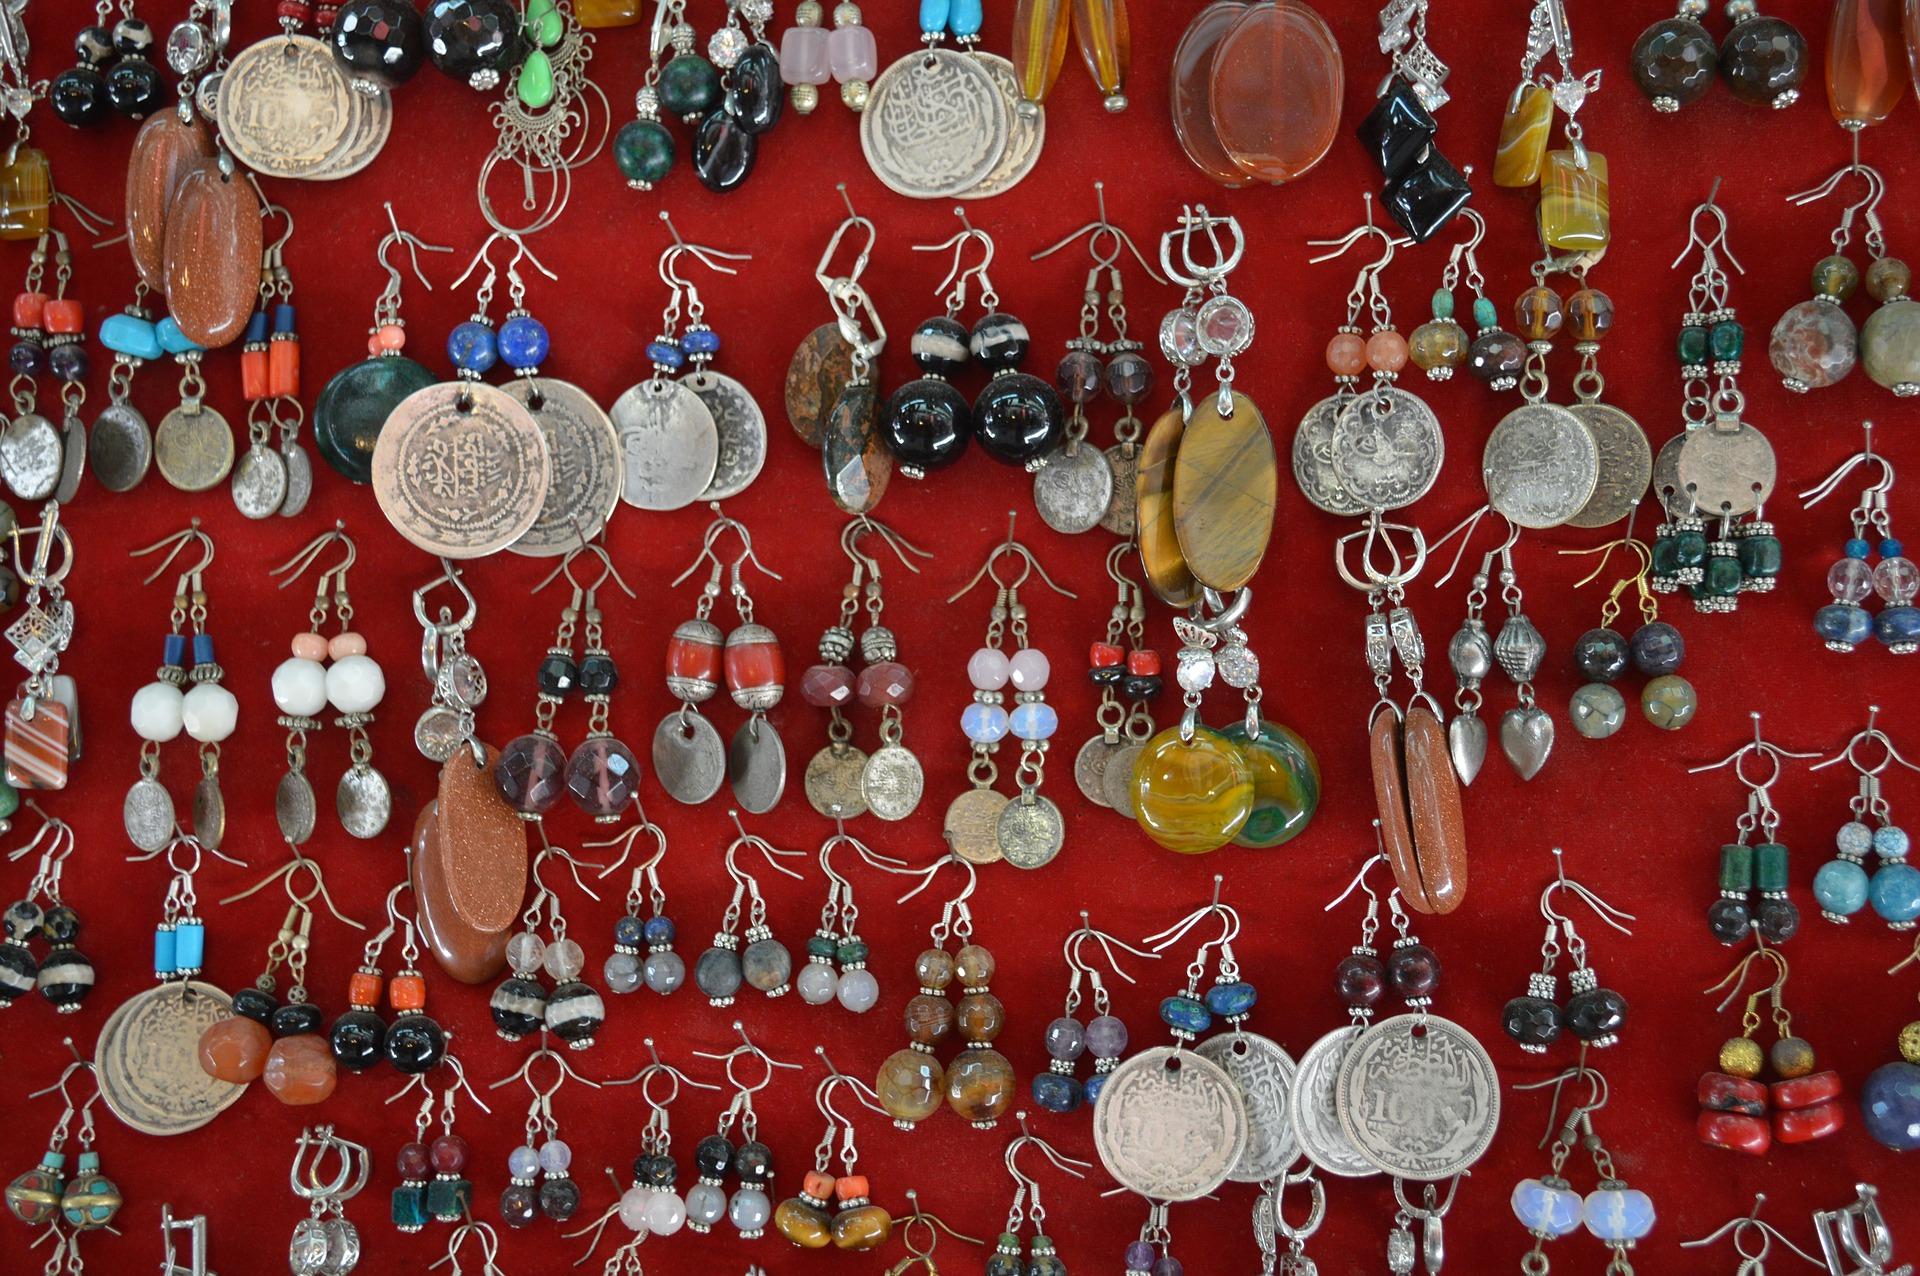 959ace2c3d62 Comprar joyas en India - Seleccion de pendientes